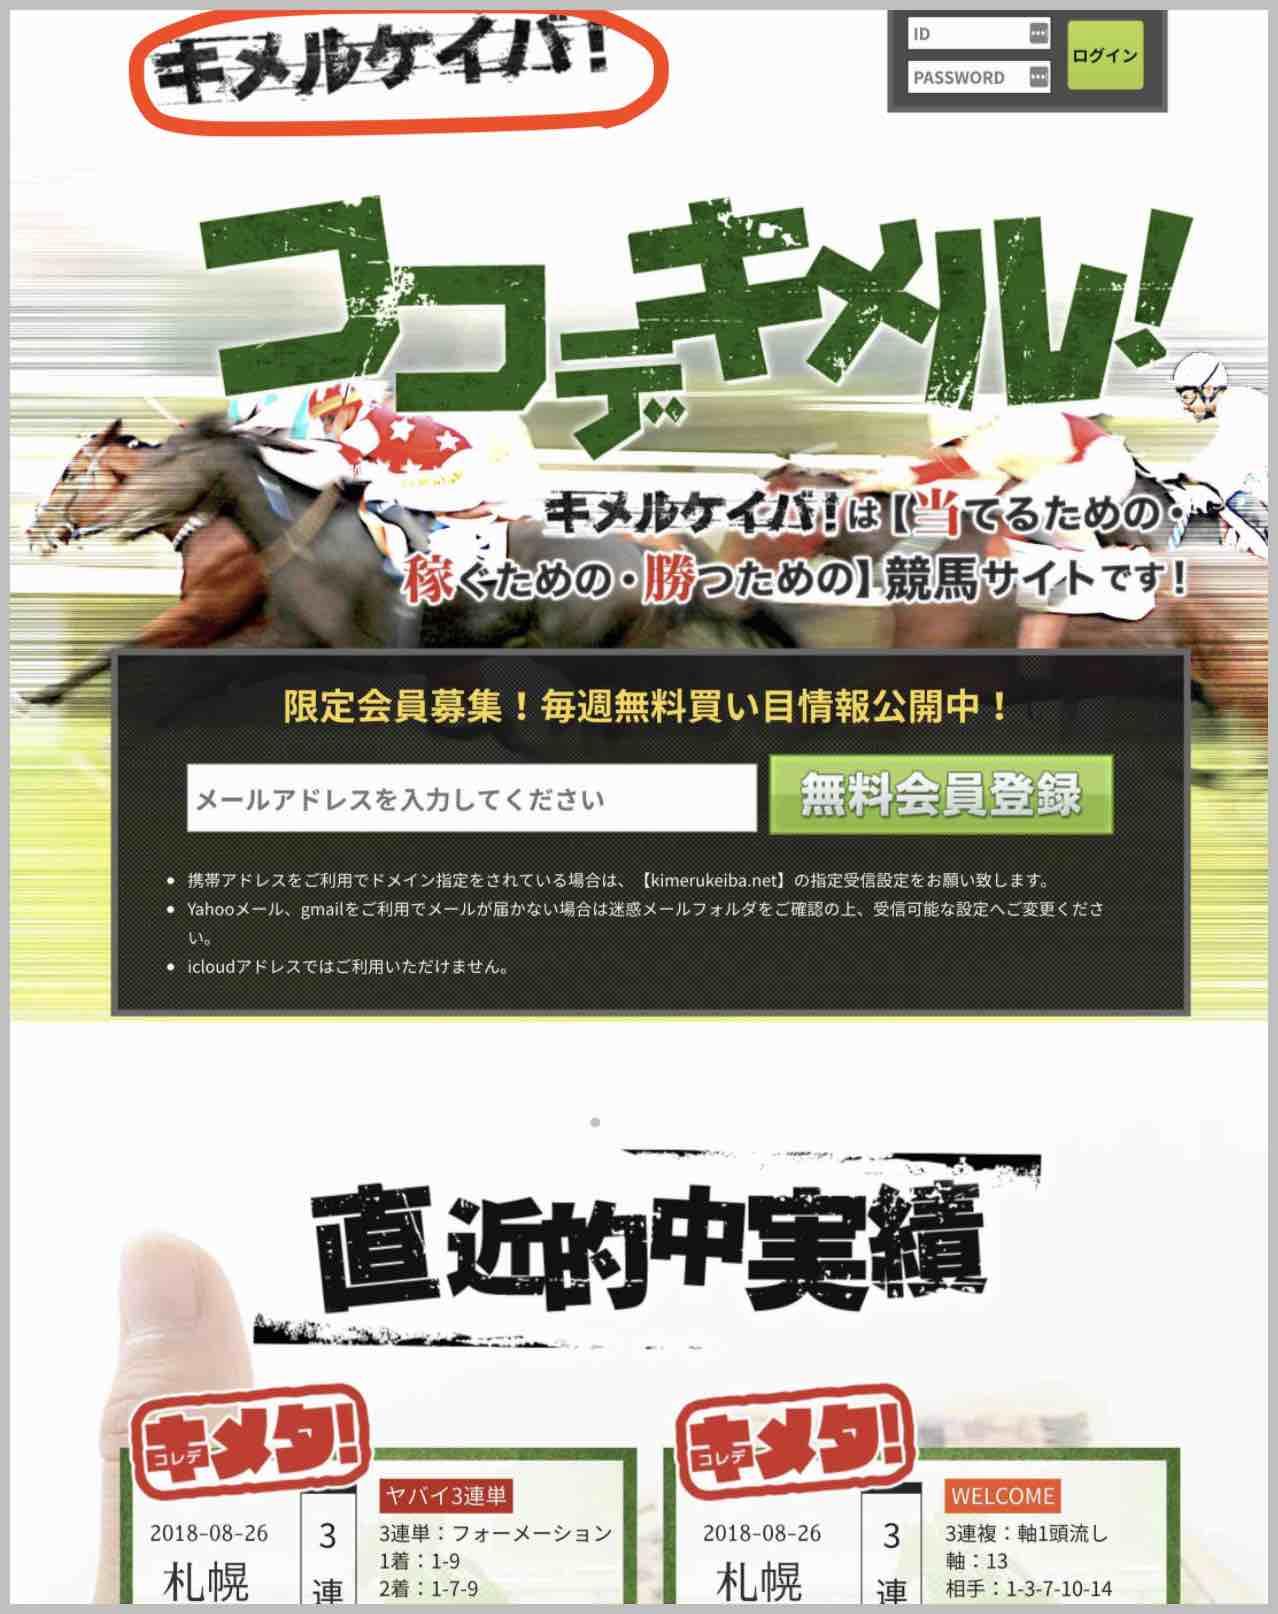 キメルケイバ!という競馬予想サイトの口コミ情報、評判、無料情報を検証!